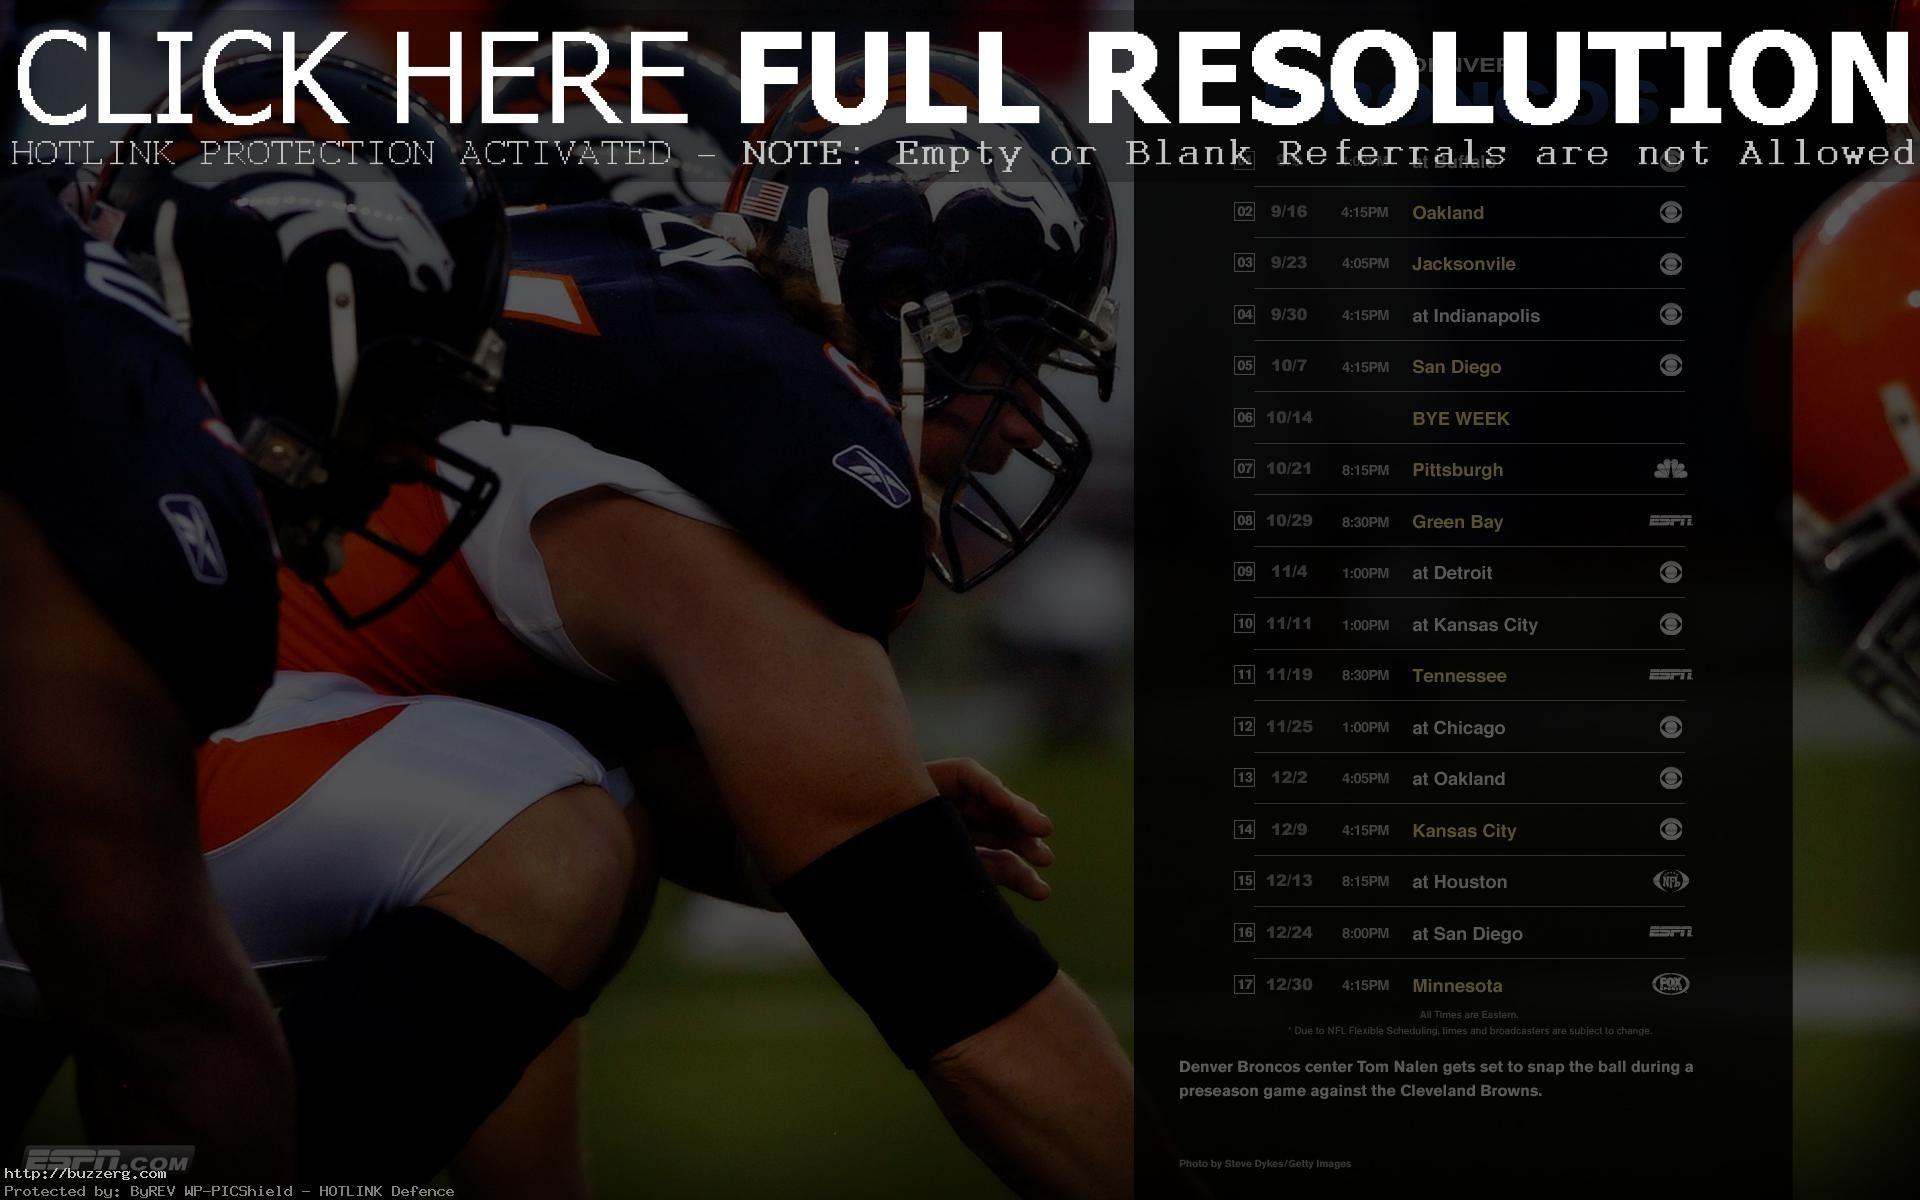 Denver Broncos (id: 170307)